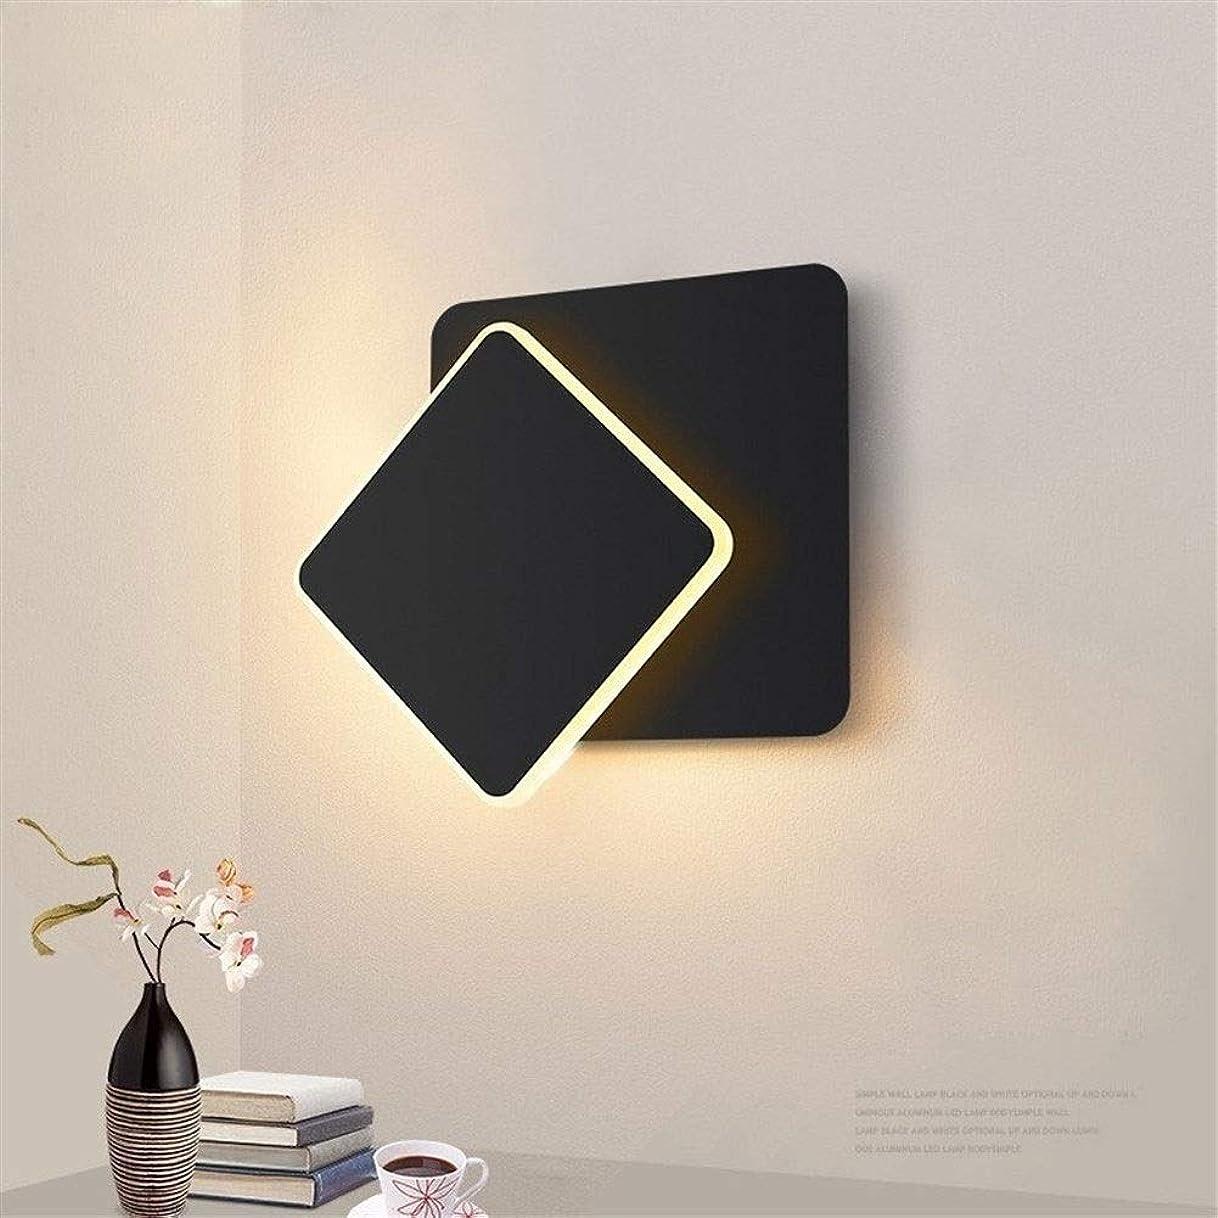 運動するハント提供スクエアLEDウォールランプベッドルーム、リビングルーム、白、黒壁取り付け用燭台壁ライトの360度回転可能な金属製5W / 16W器具 (Color Temperature : Cool White, Lampshade Color : 白-15 cm 5w)